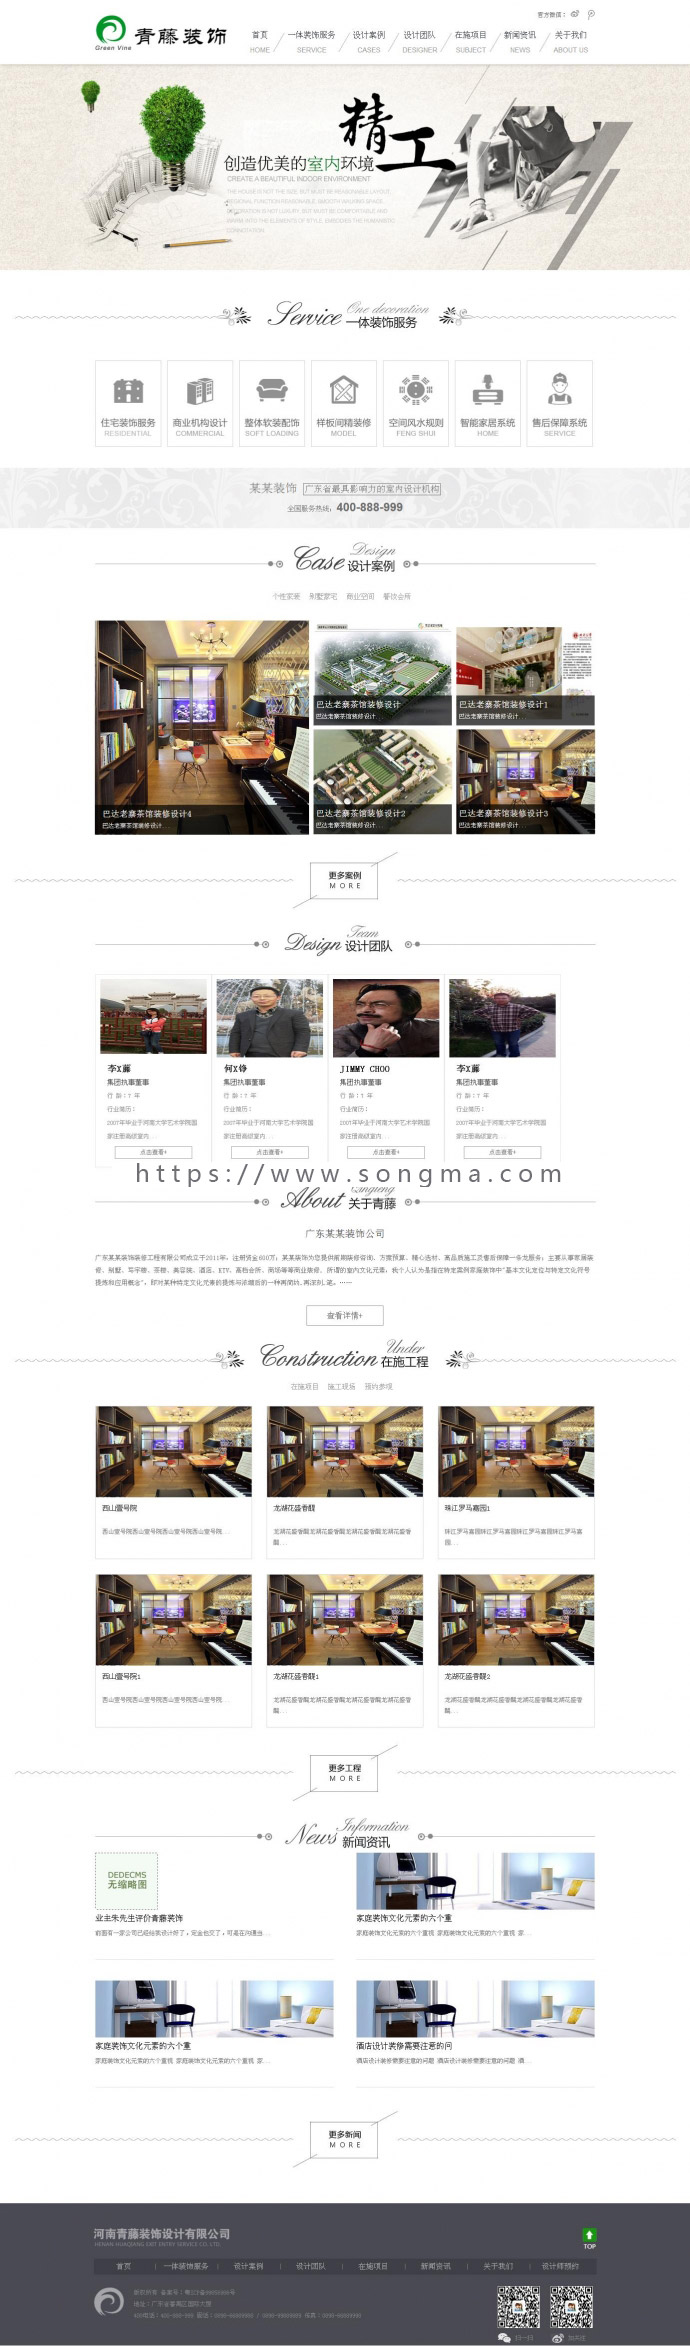 装修家居装饰公司企业网站整站源码程序